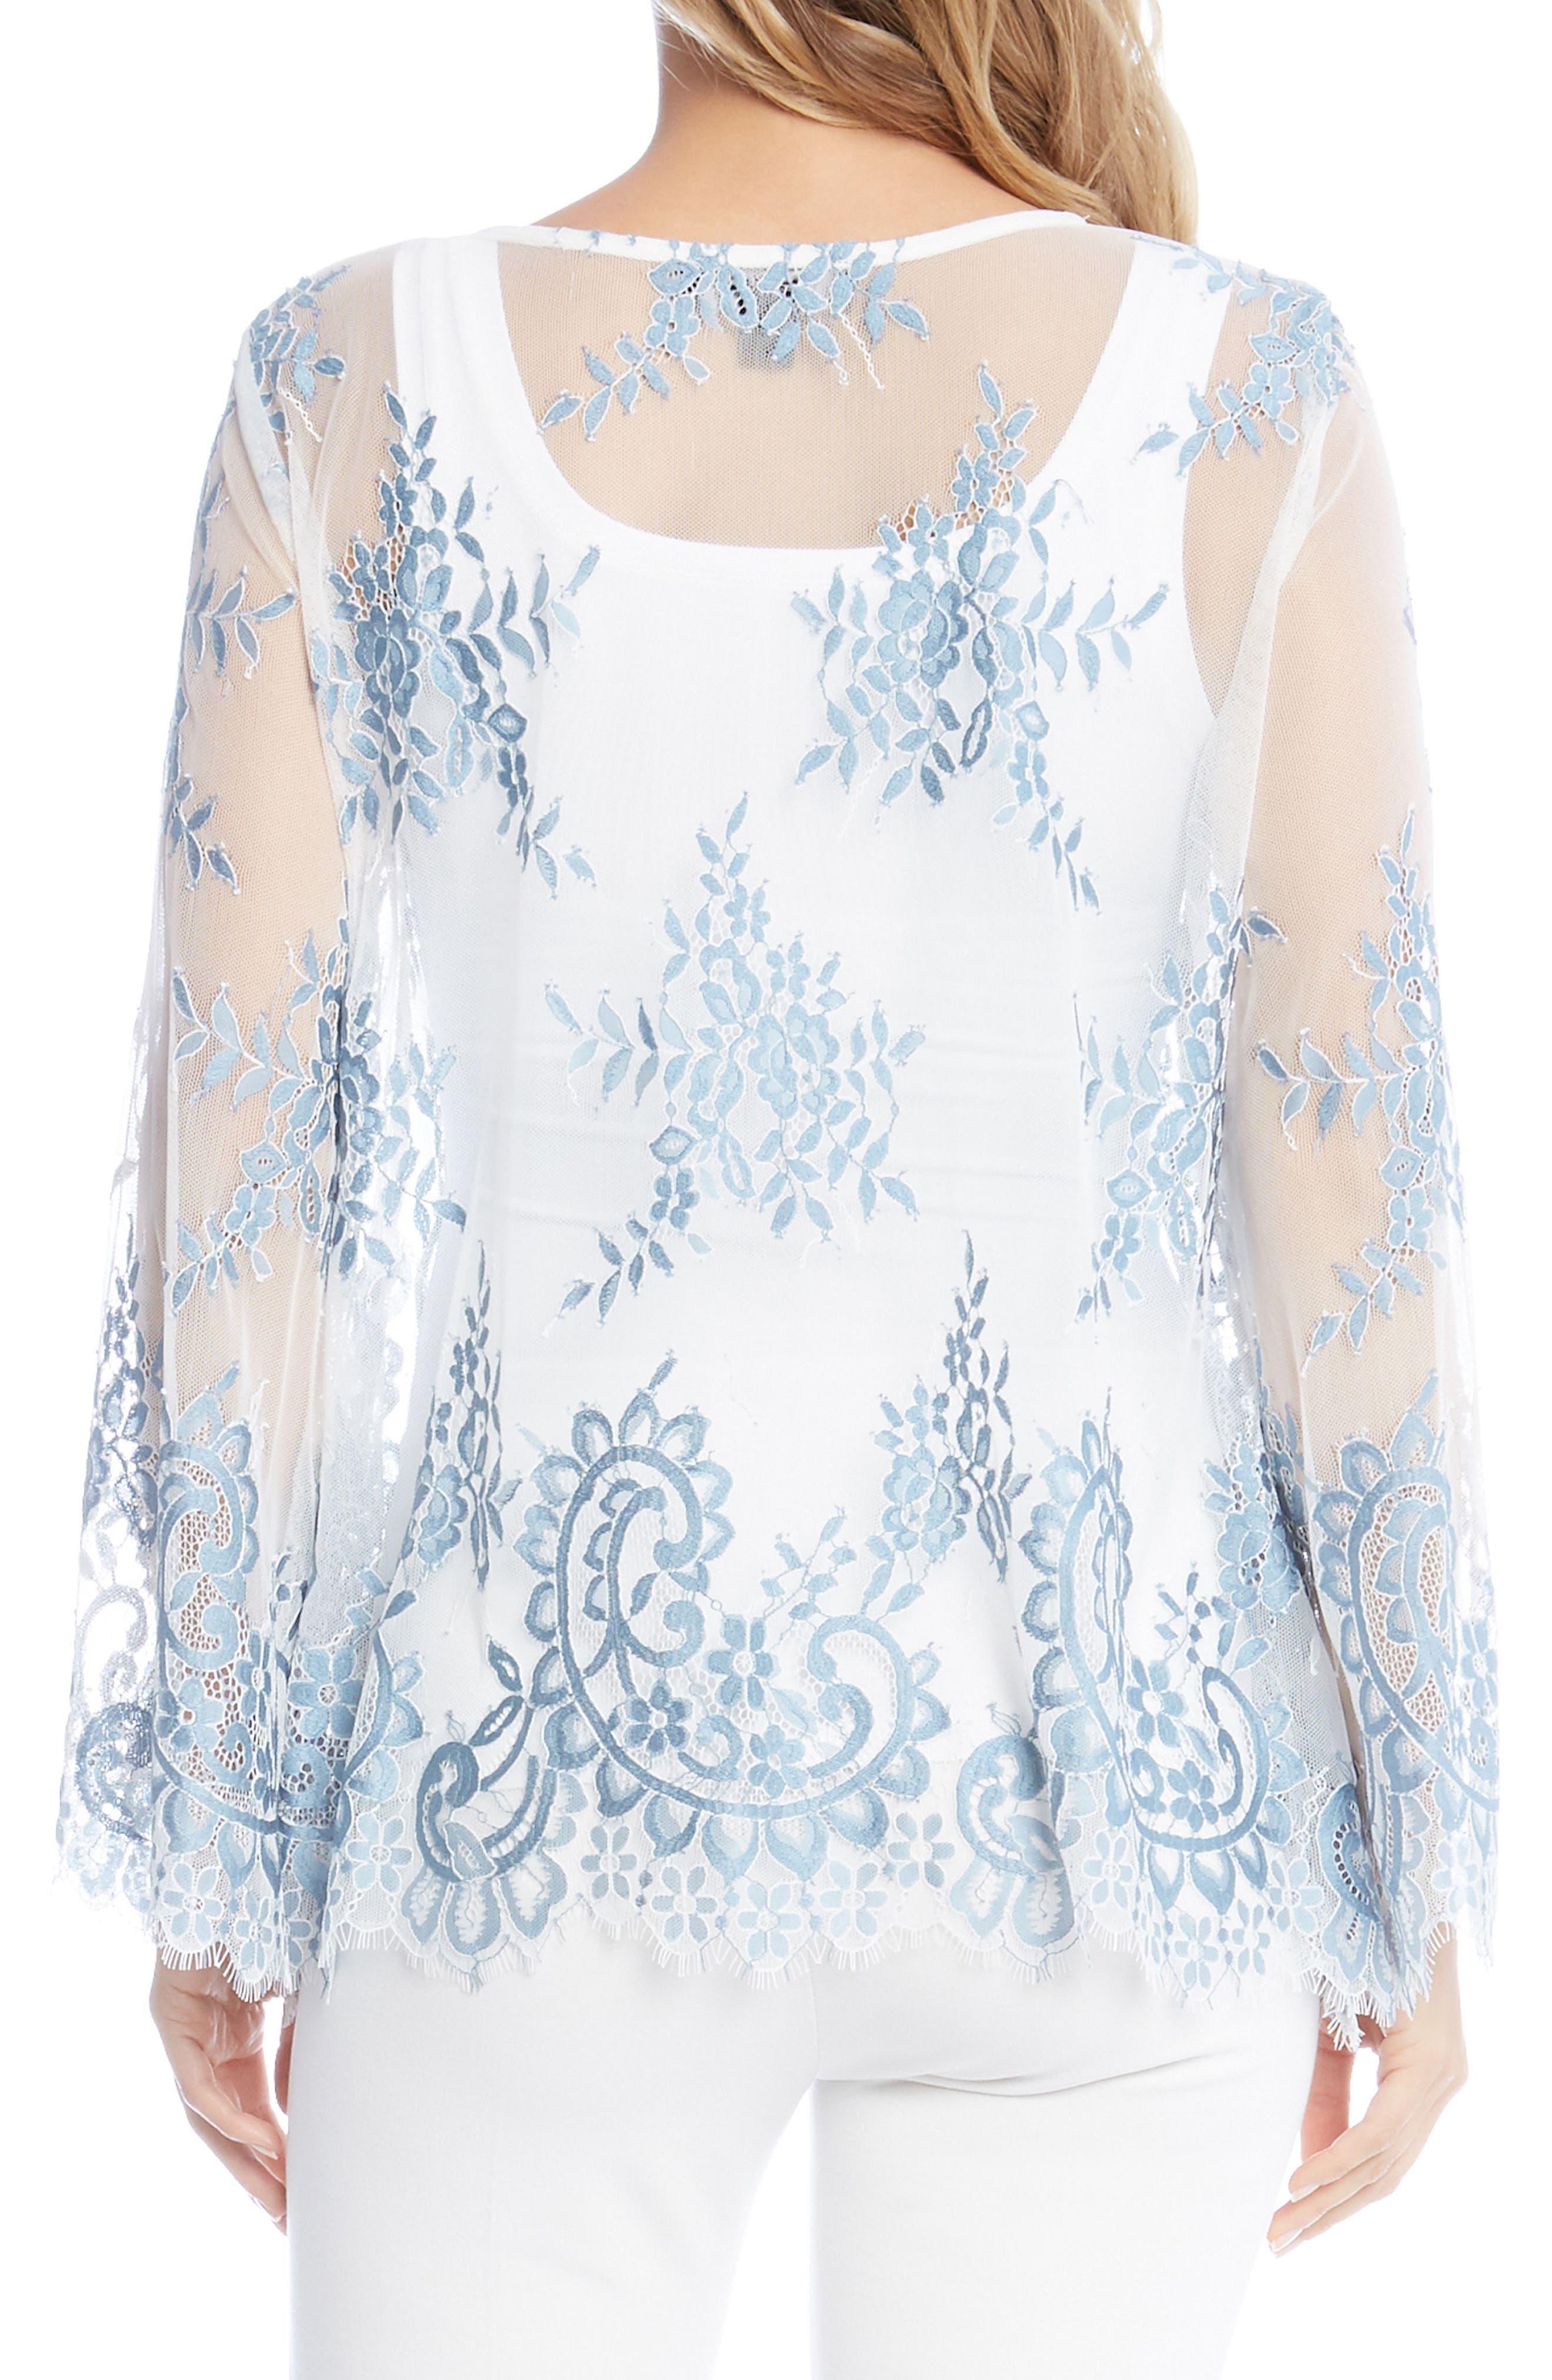 Alternate Image 2  - Karen Kane Embroidered Floral Lace Top